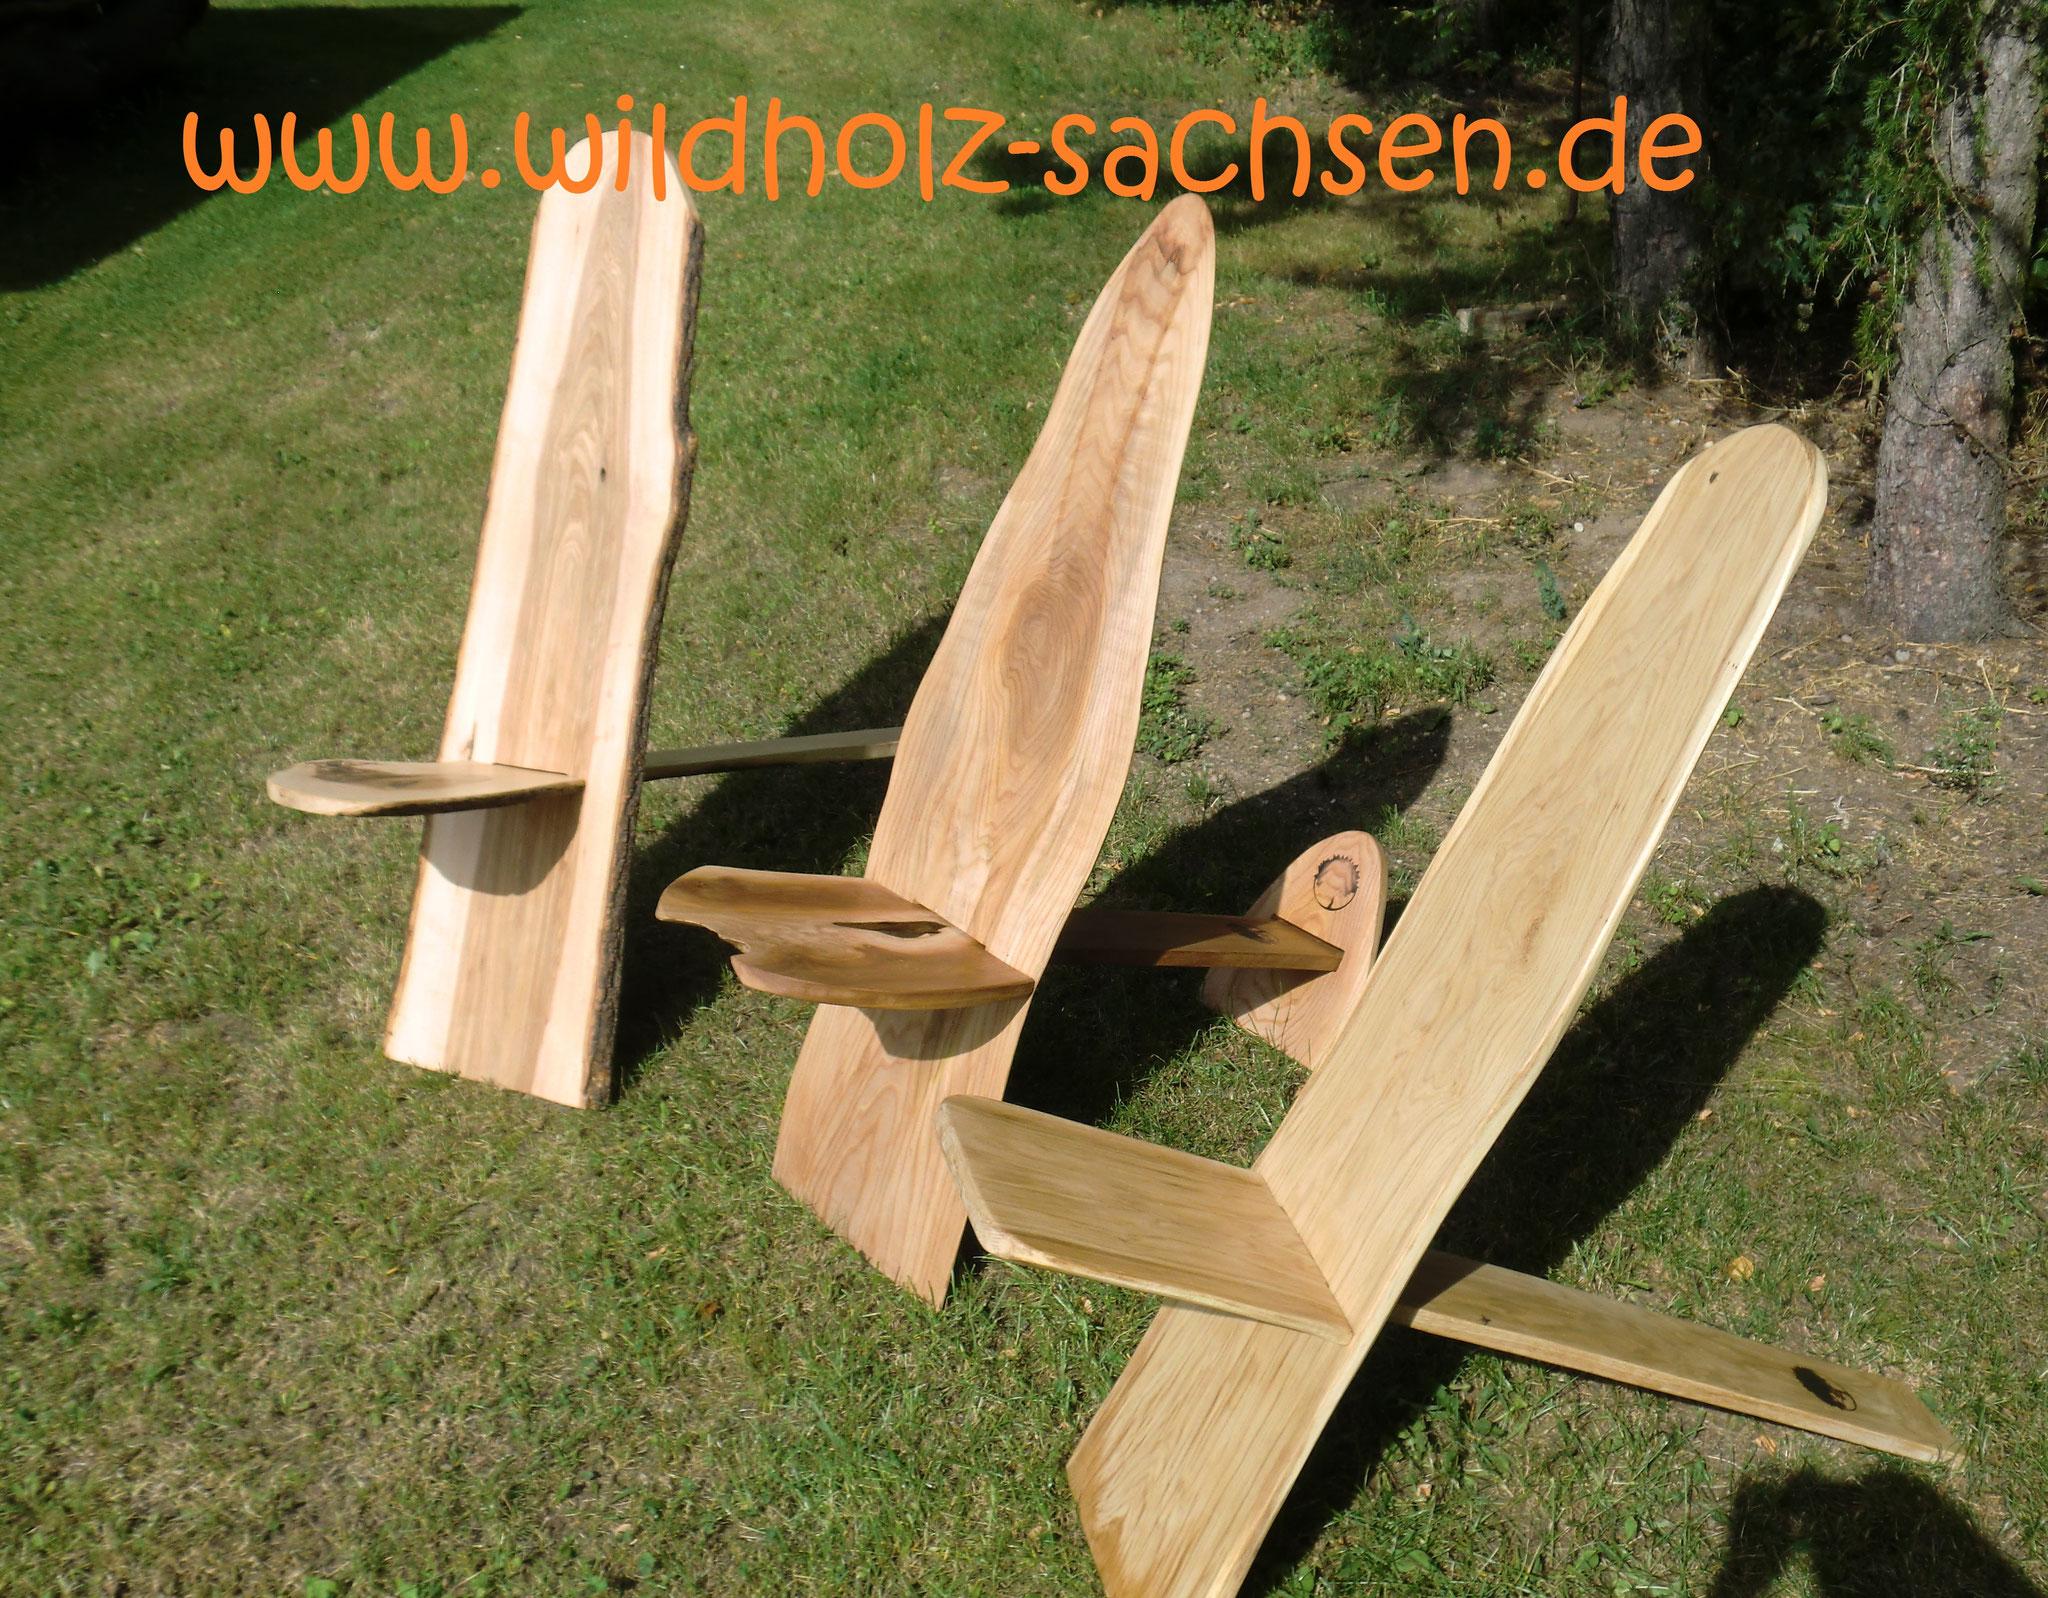 Wikinger Stühle oder auch one board chair aus Eiche, Ulme, Esche